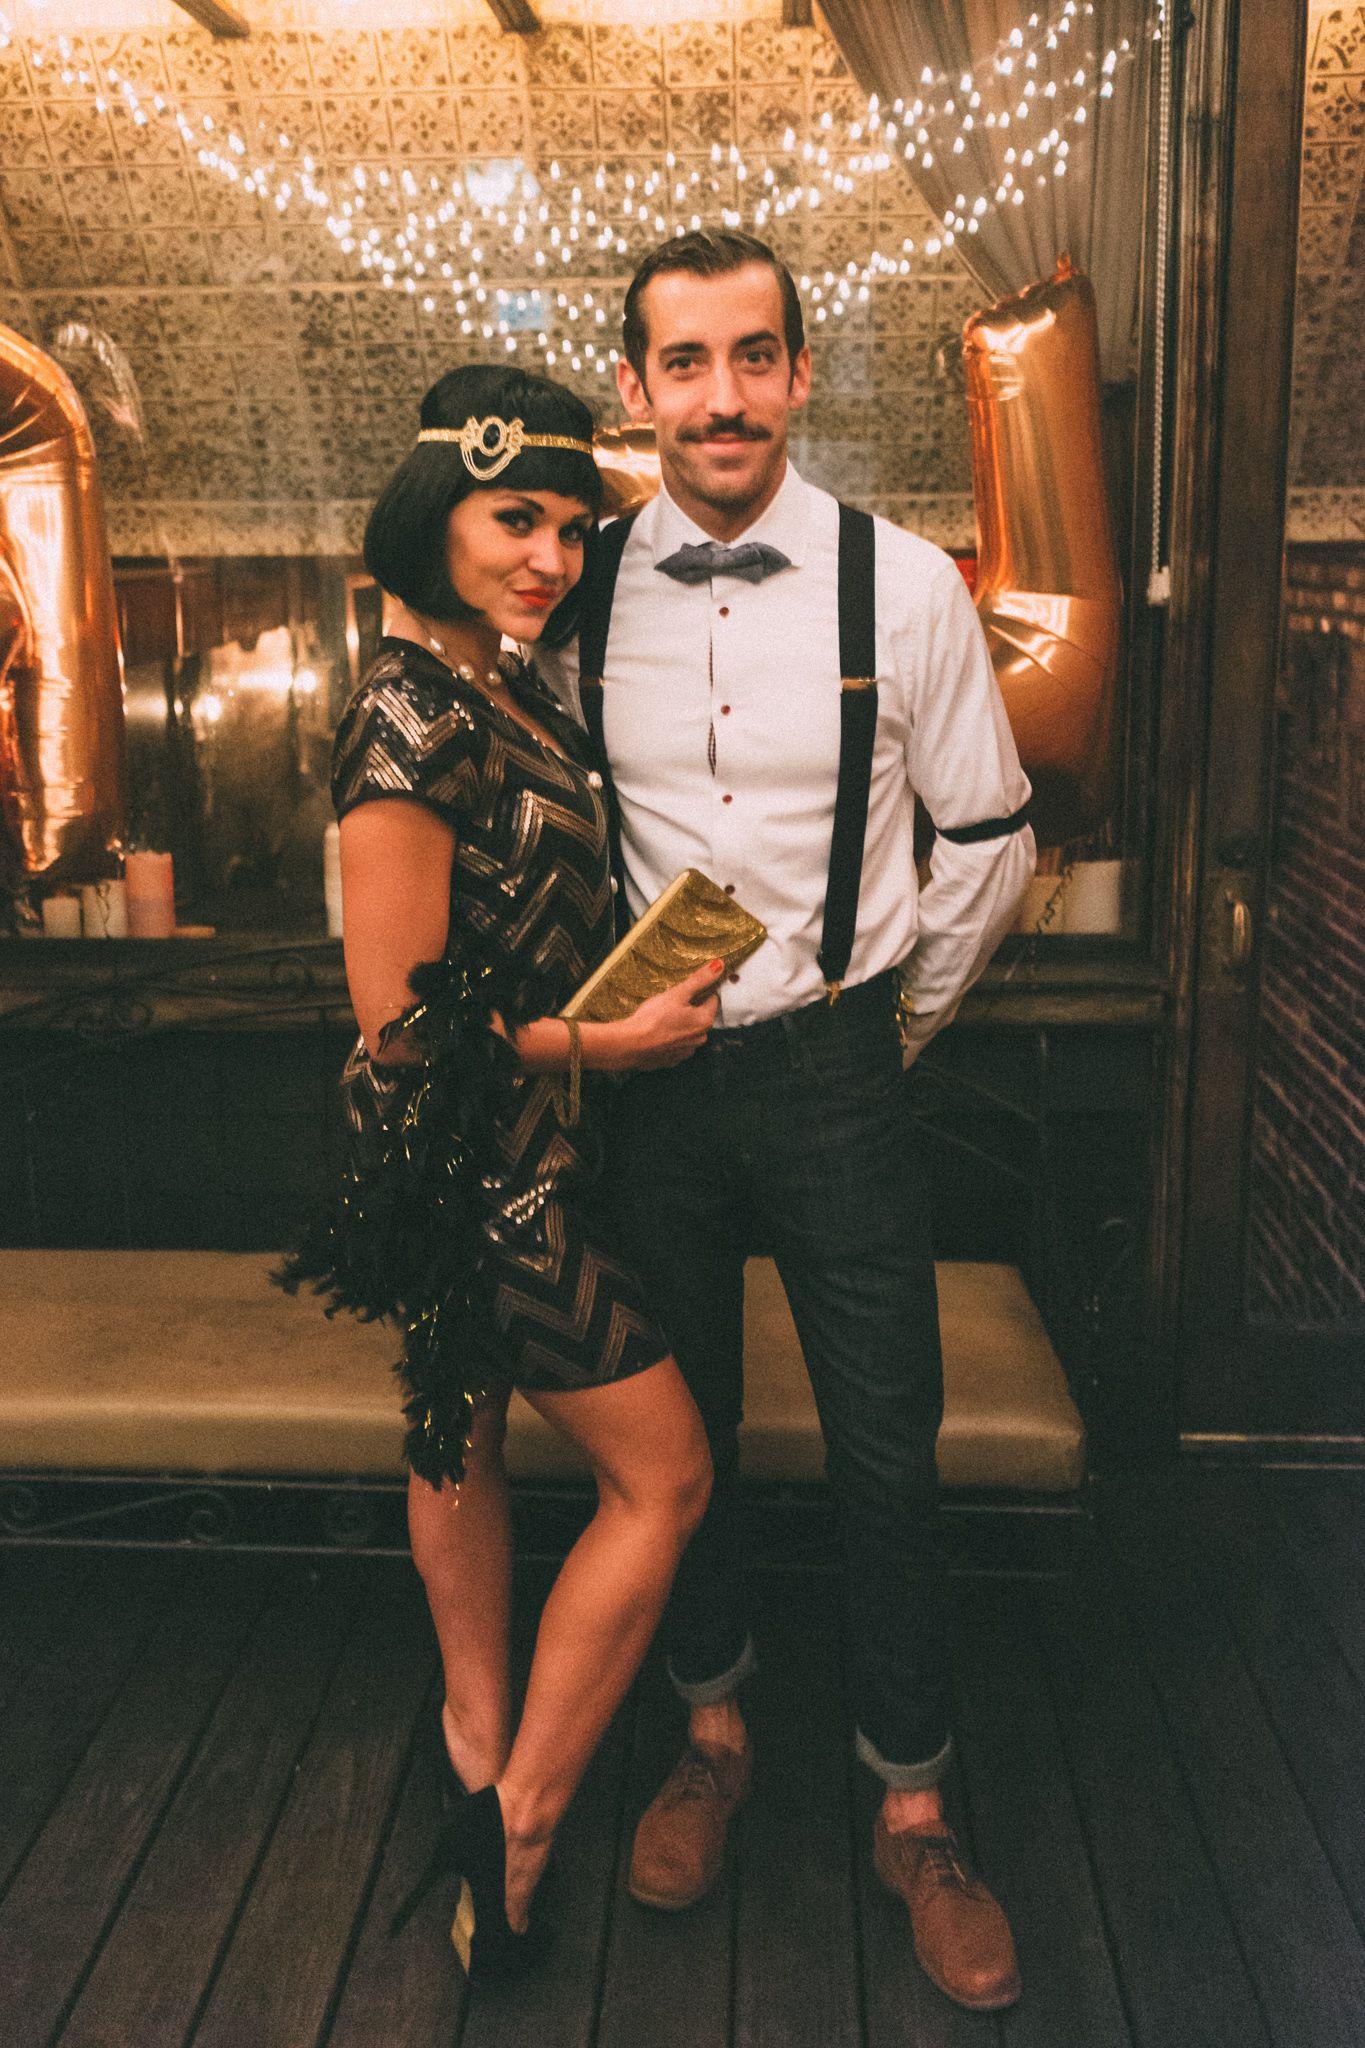 Couples Halloween Costumes 2019 Diy.Roaring 20 S Halloween Couple 2019 Costumes In 2019 Diy